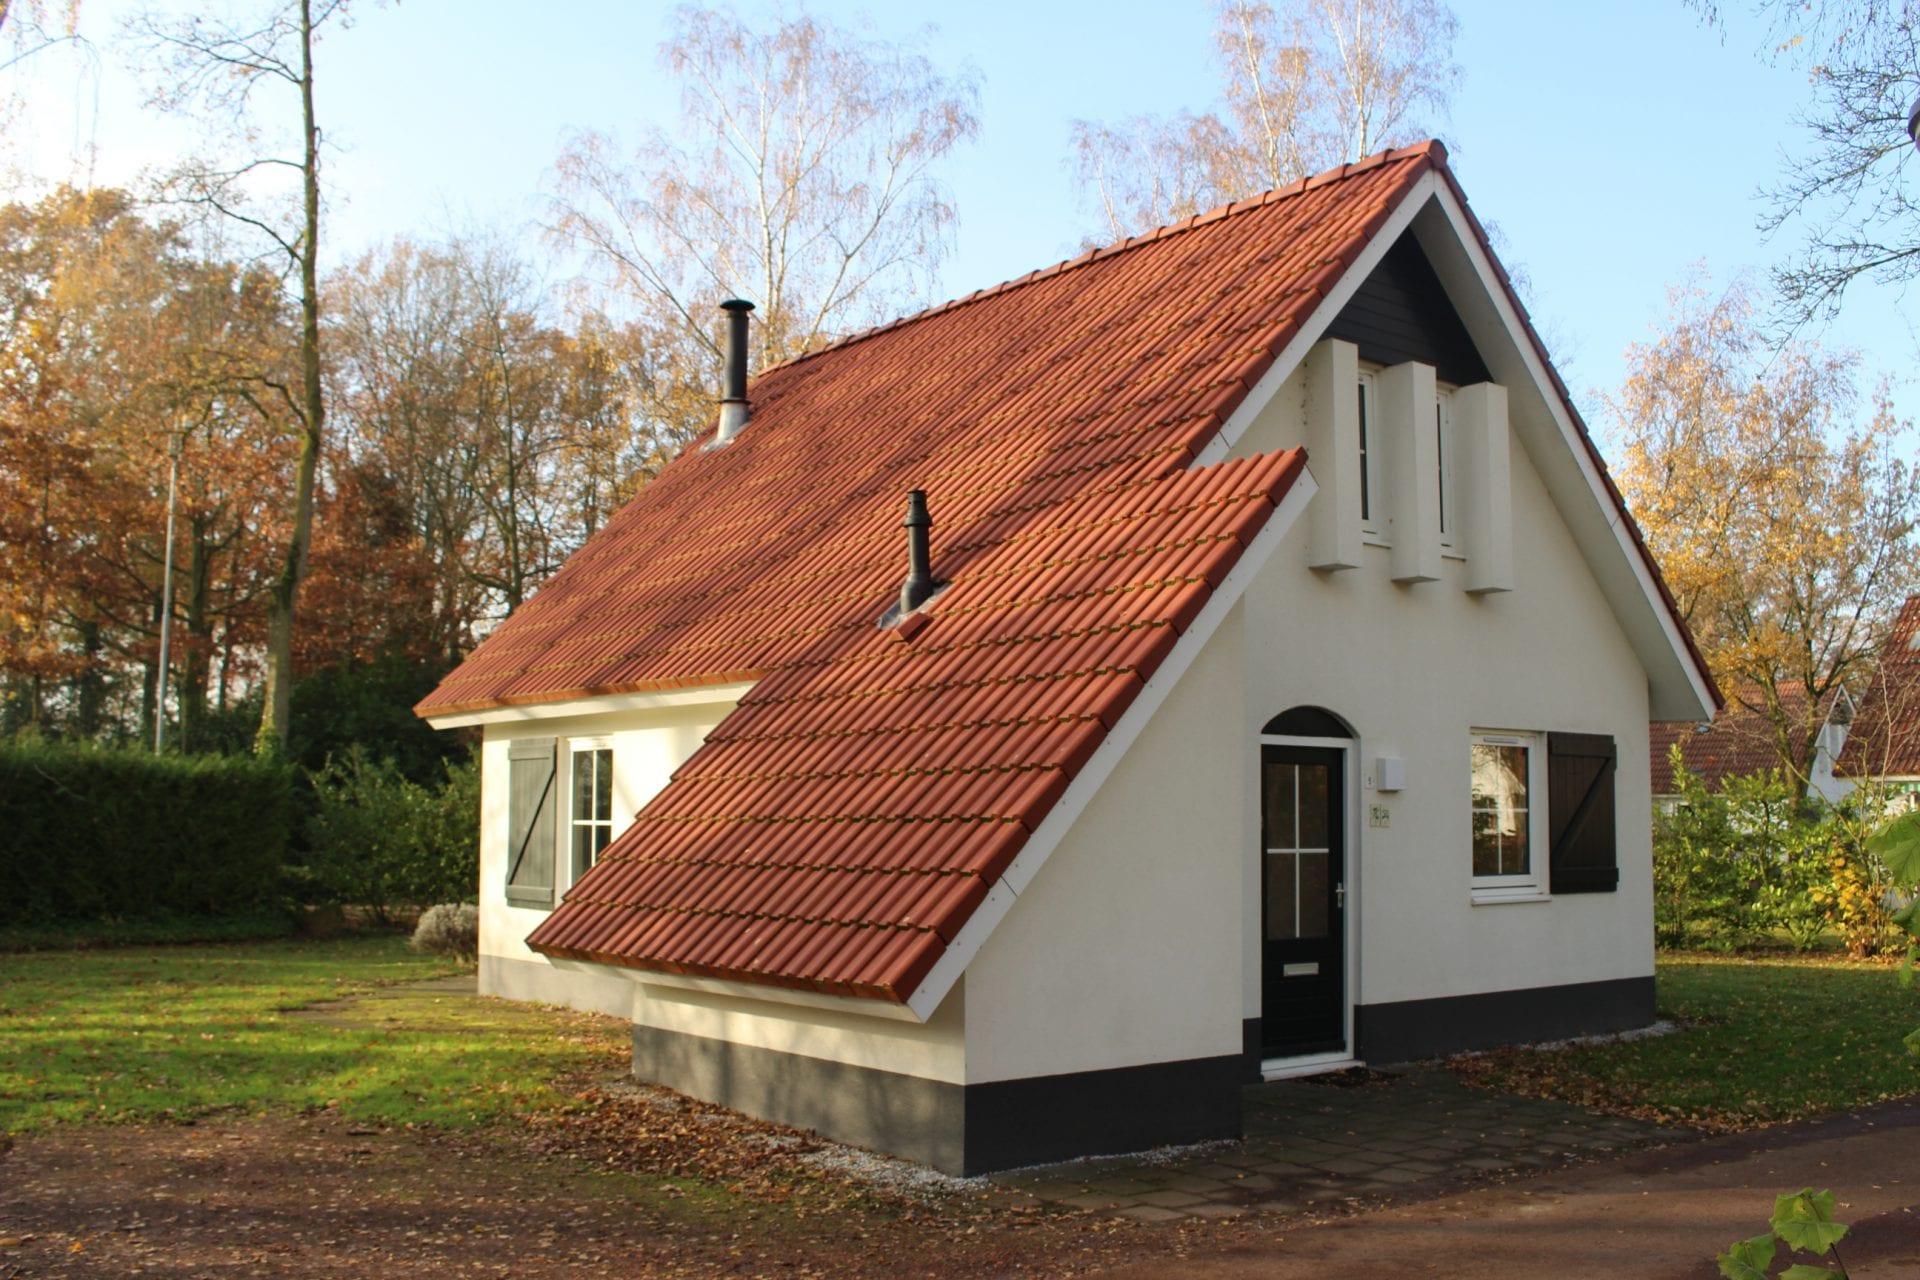 1 Landgoed De Elsgraven - Vakantiehuis nr. 5 - 4-6-persoons Comfort